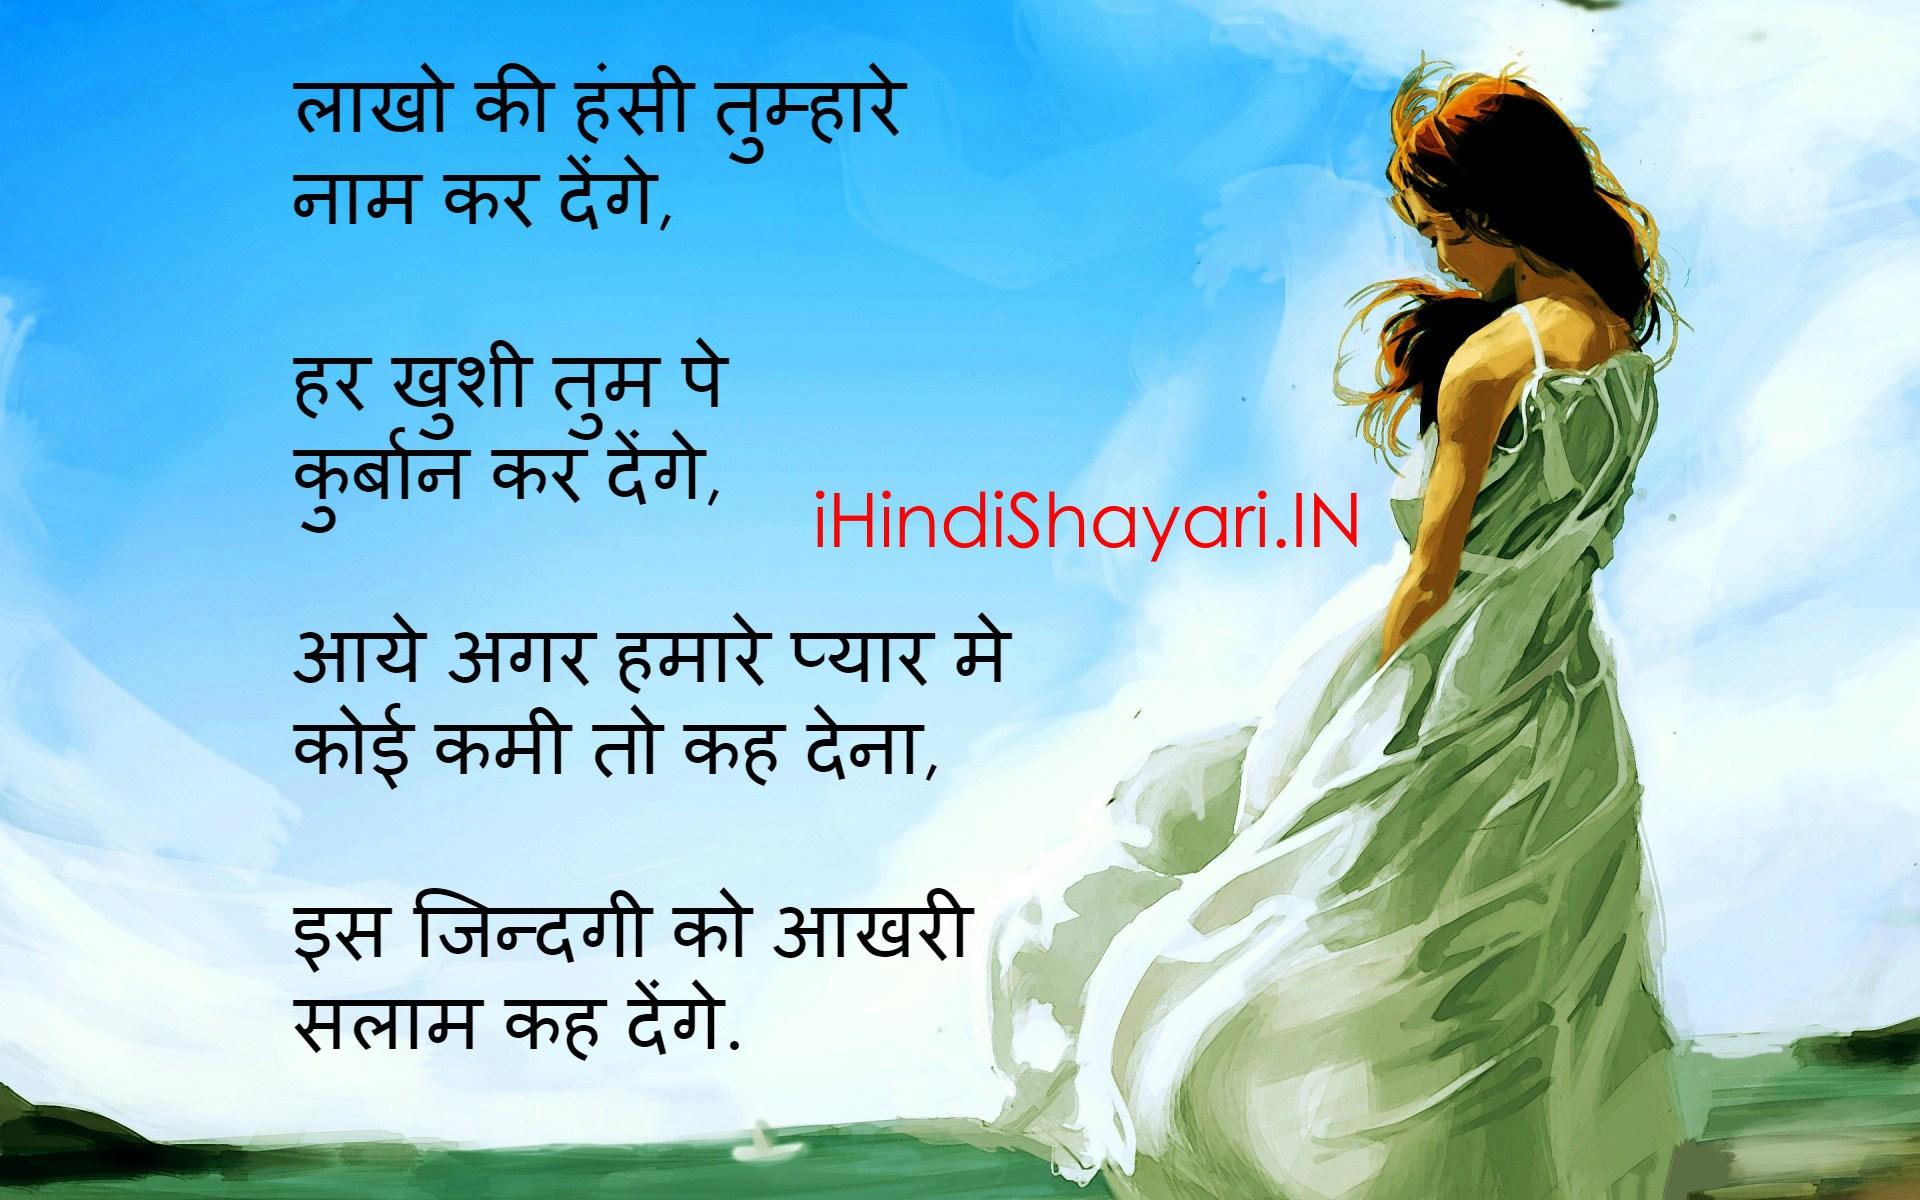 TOP Sad Love Shayari Images Download - Hindi Shayari